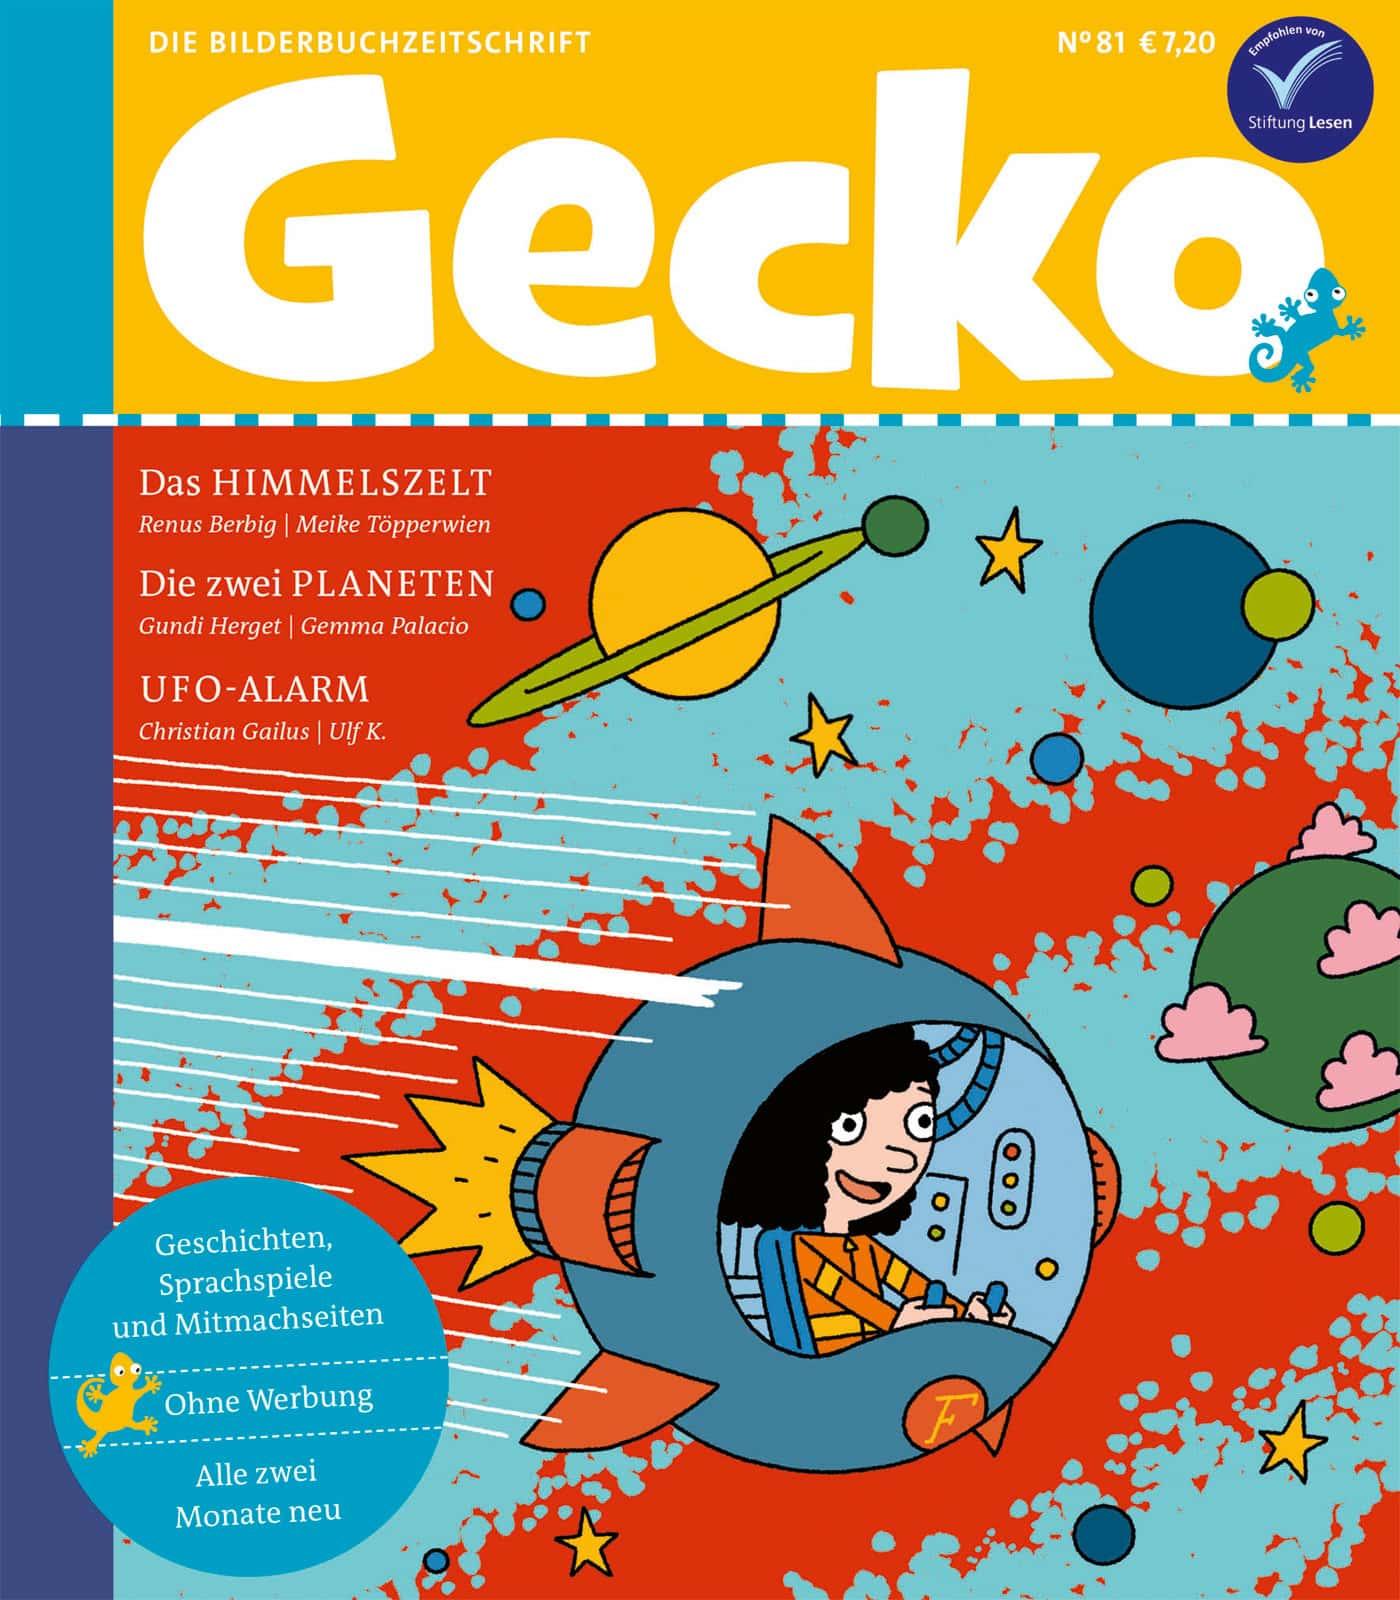 HIMBEER Abo Prämie: eine Ausgabe Gecko Kinderzeitschrift // HIMBEER